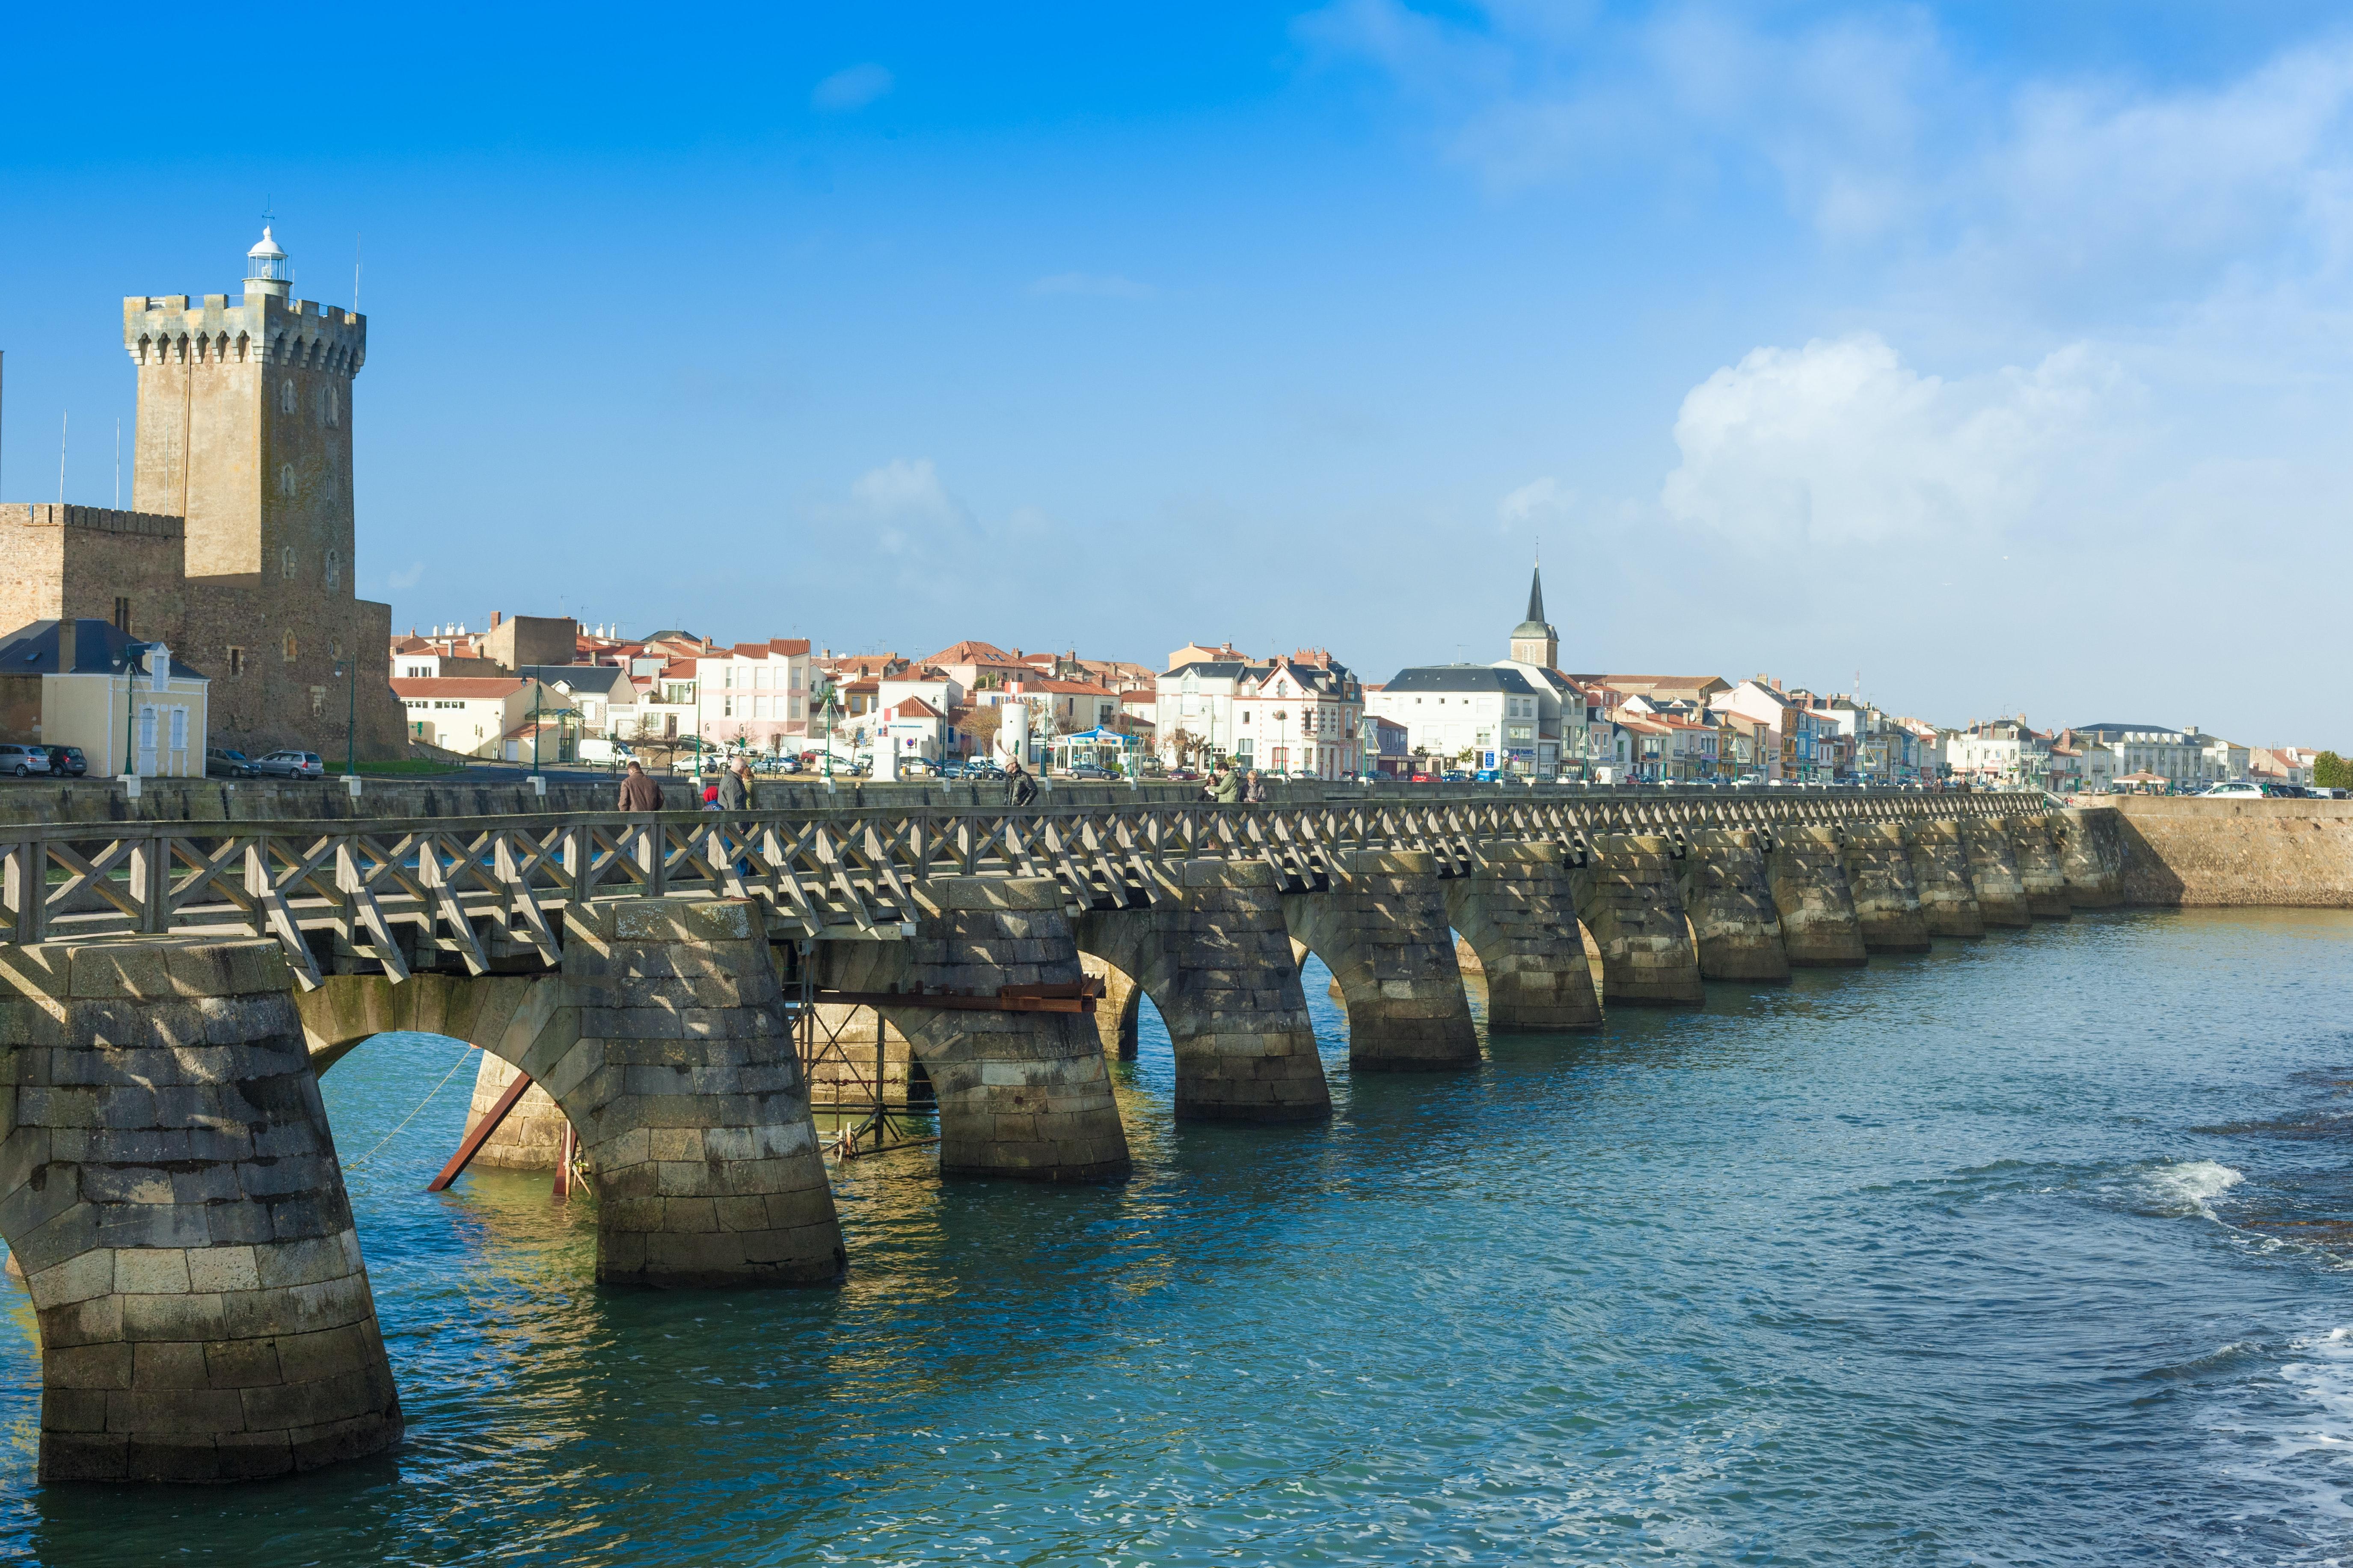 brug bij Sables d Olonne